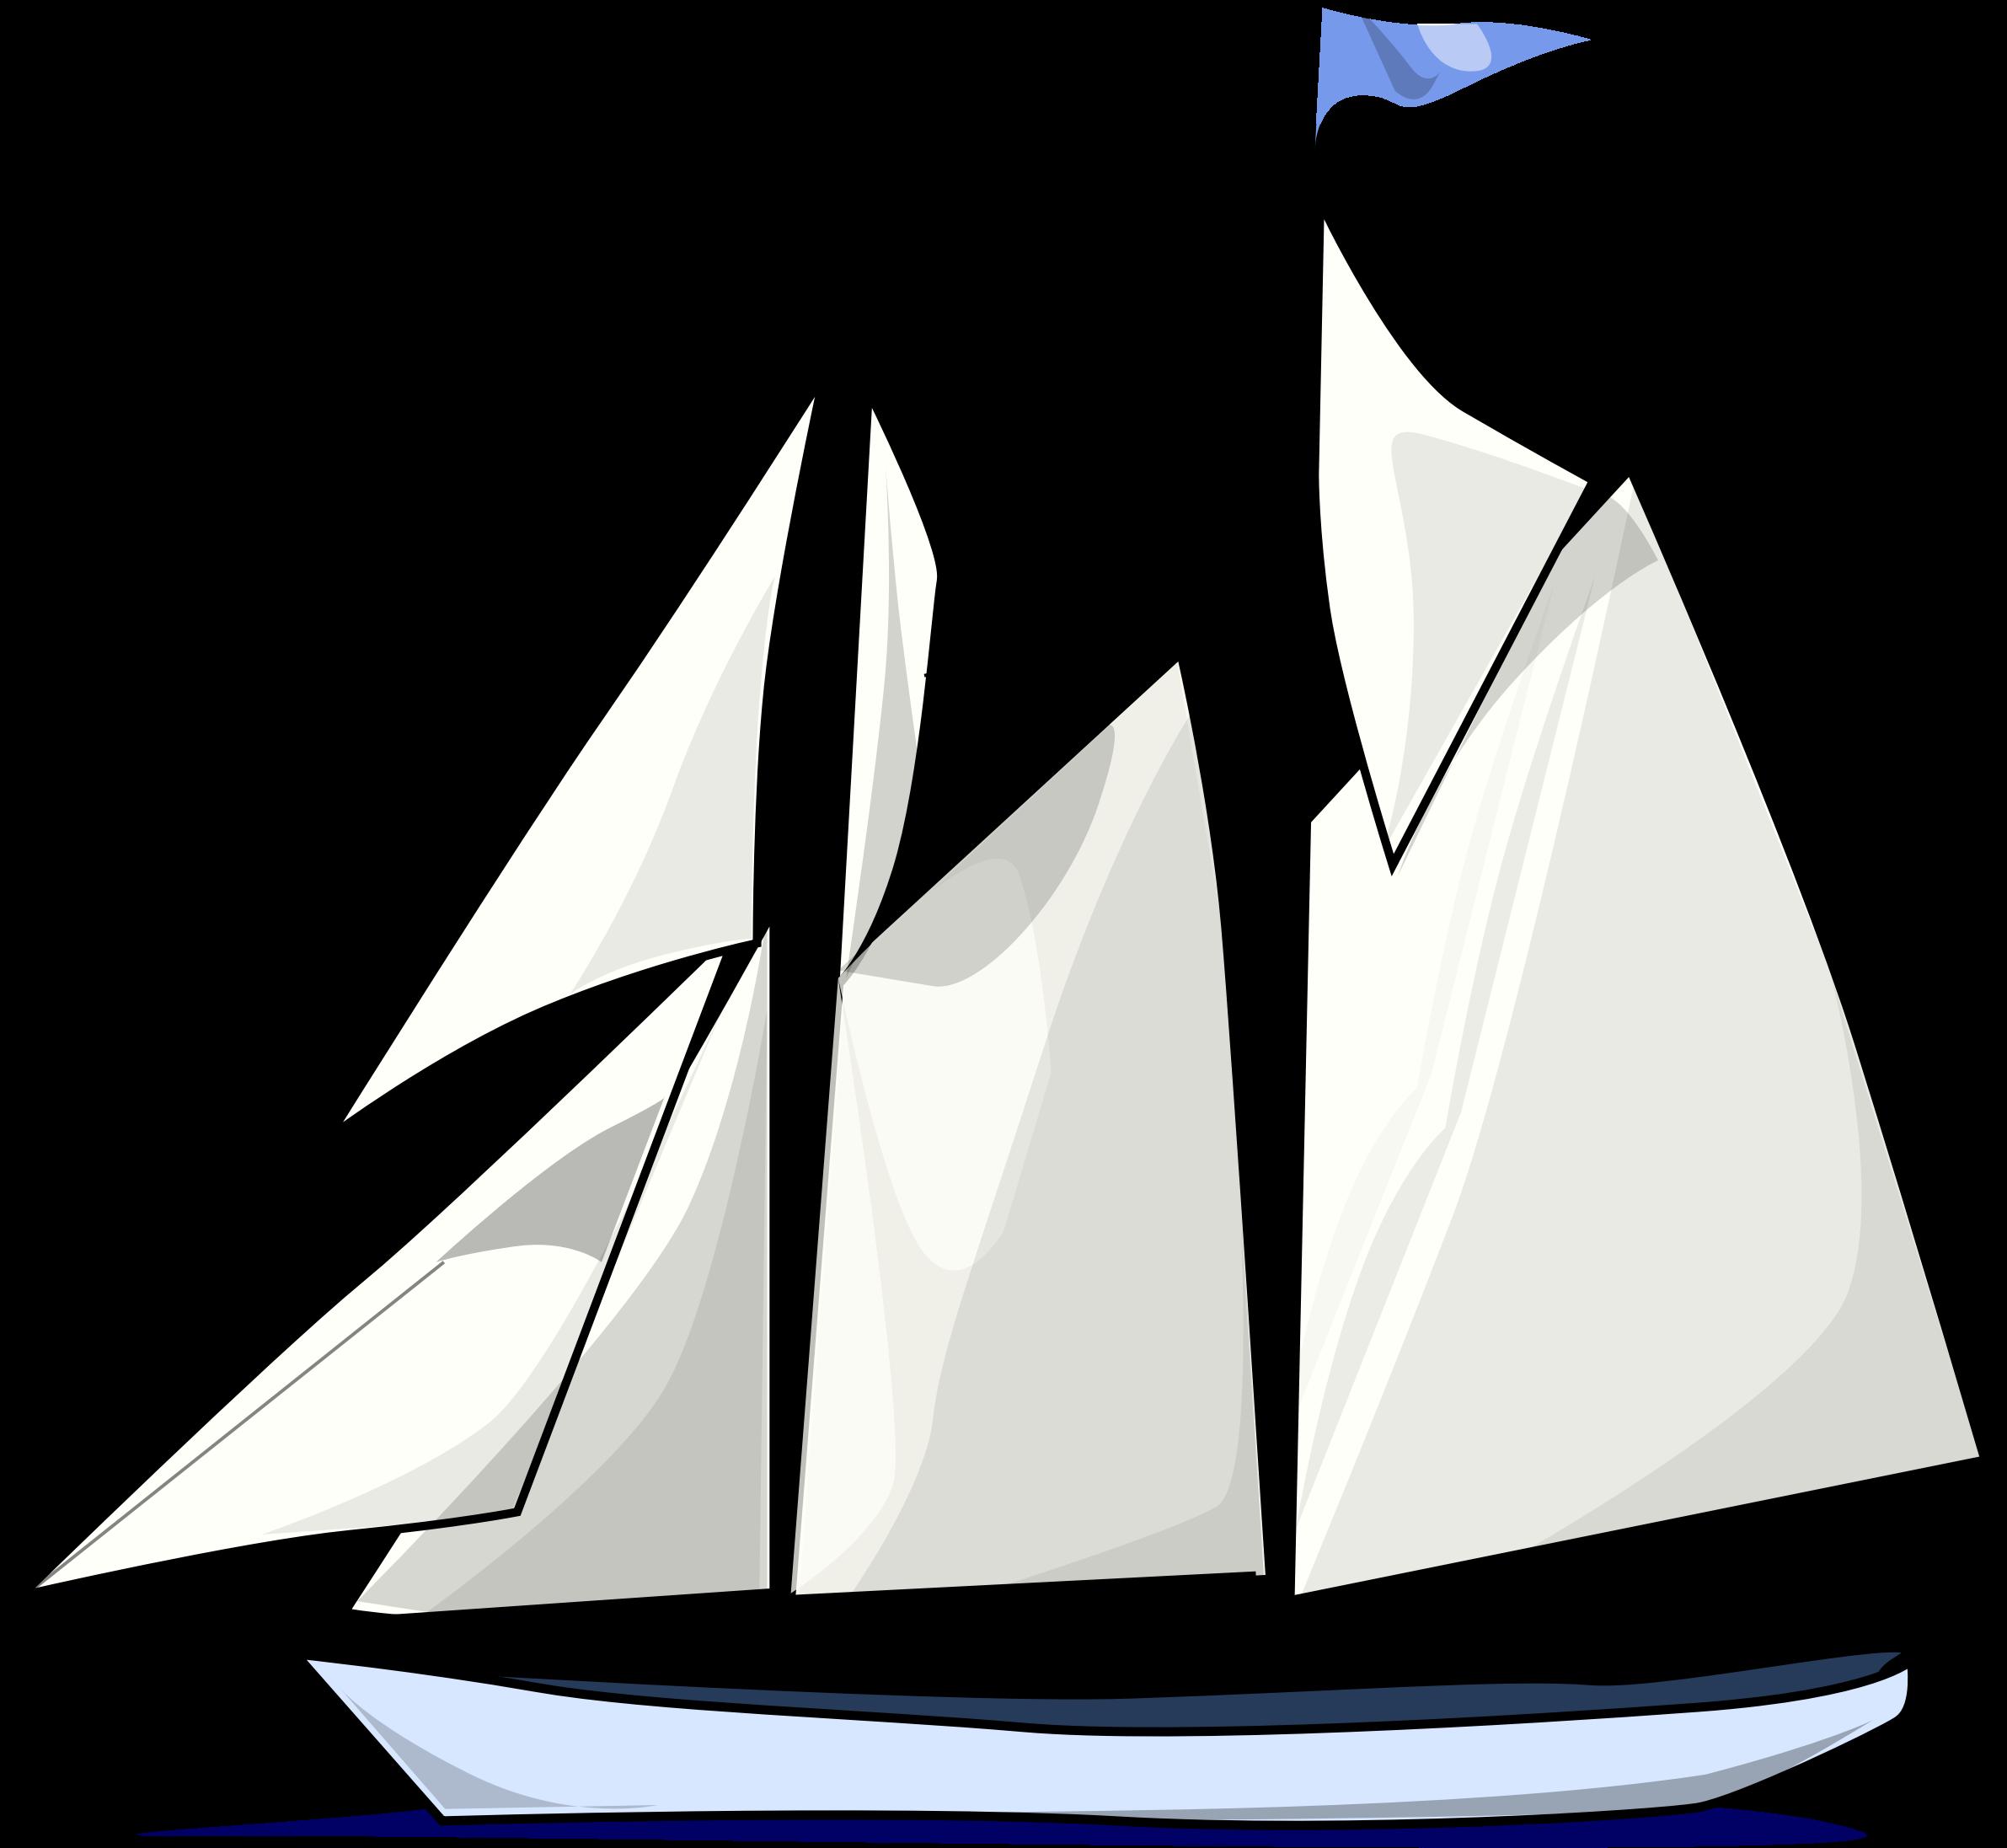 Sailing clipart big boat #5